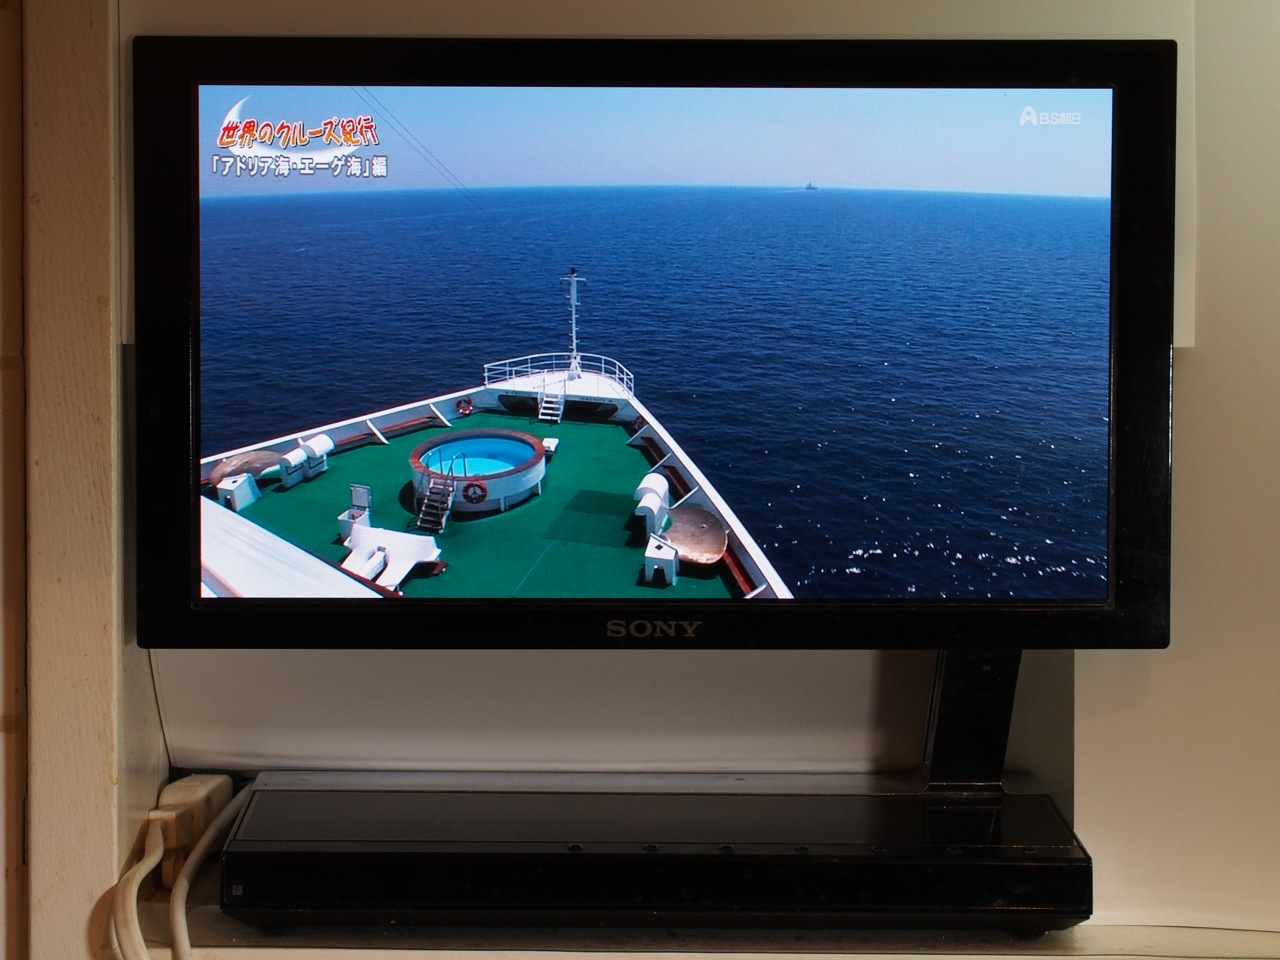 スマートテレビよりまず有機ELテレビを